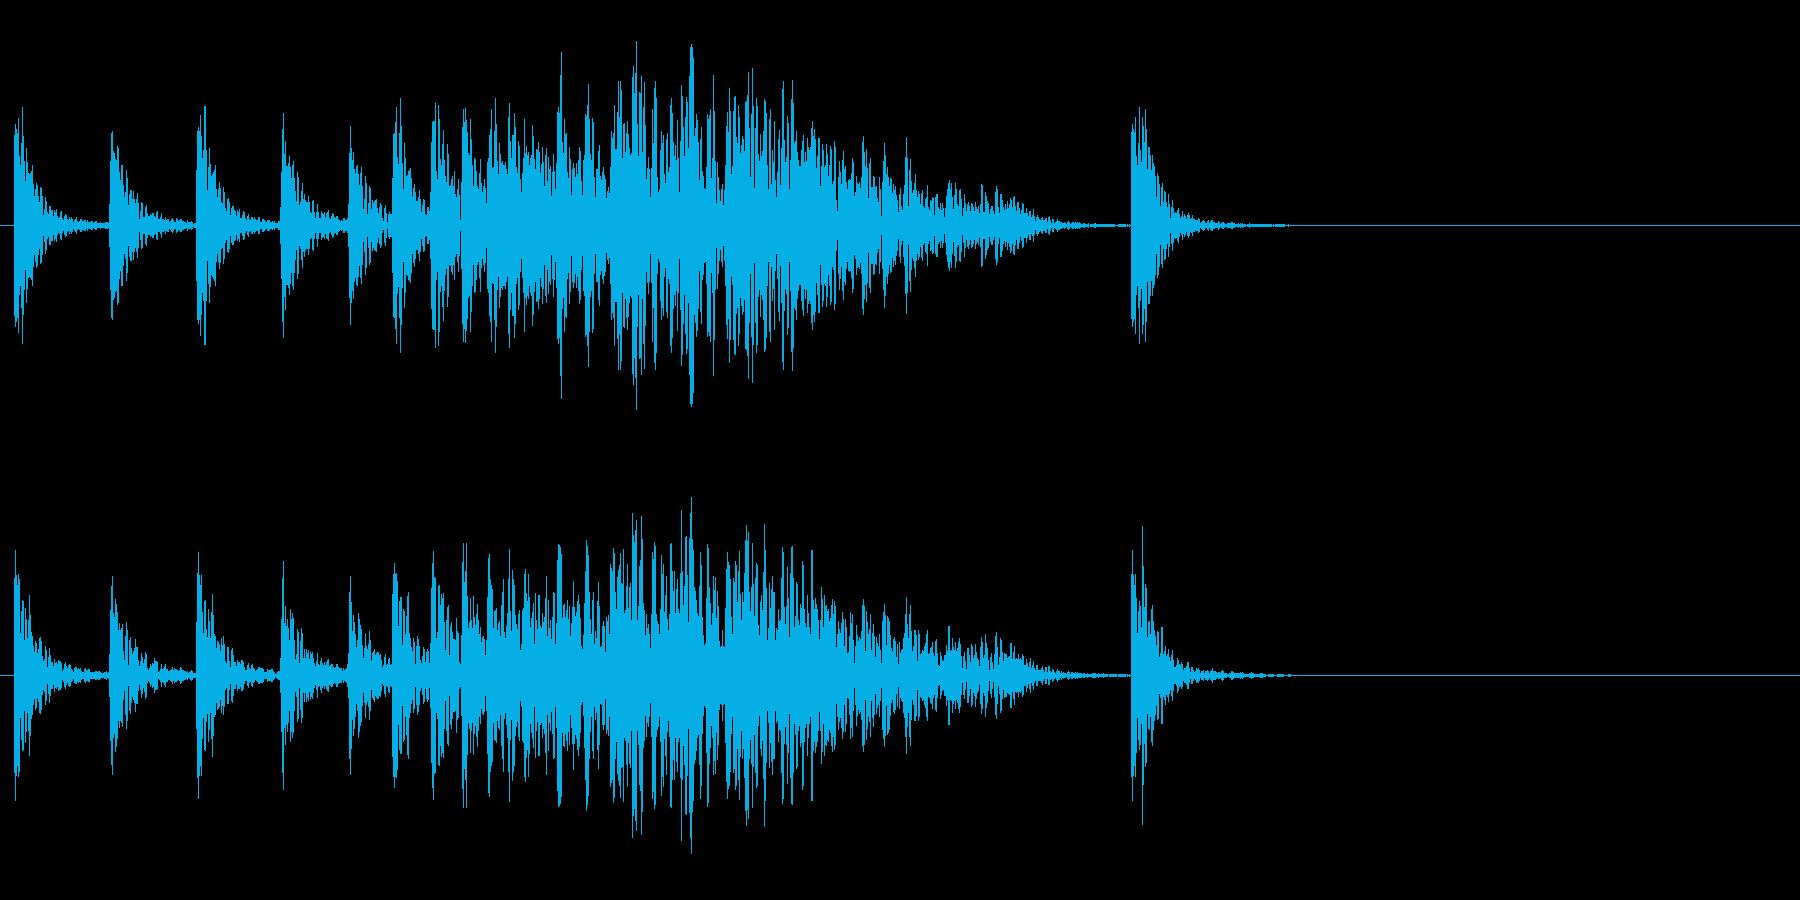 段々早くなる和太鼓の再生済みの波形